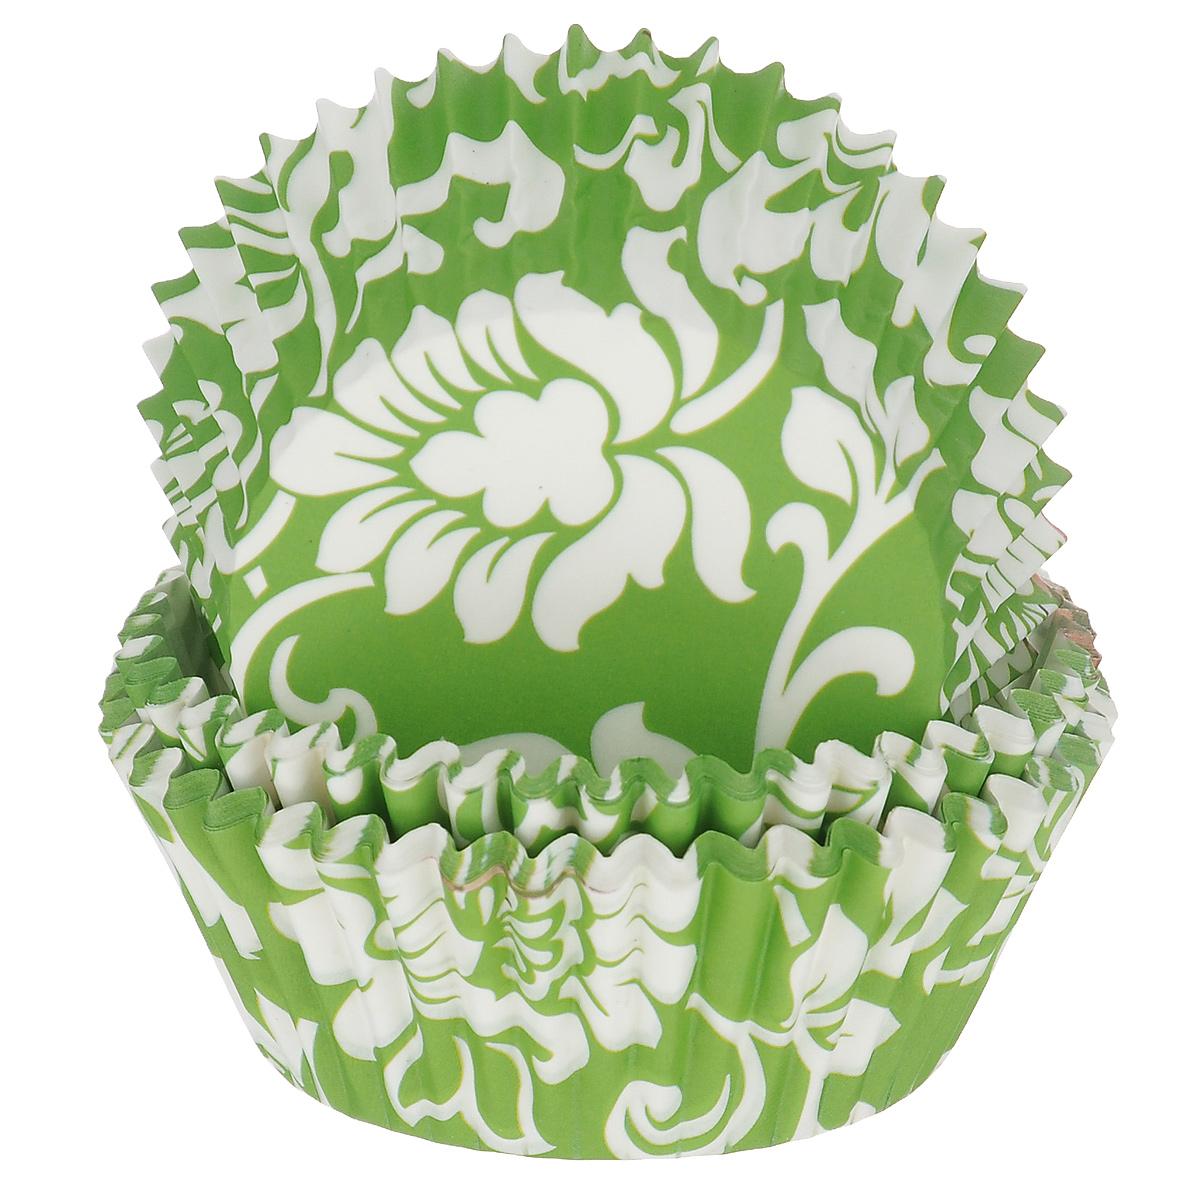 Набор бумажных форм для кексов Dolce Arti Цветочный узор, цвет: зеленый, белый, диаметр дна 5 см, 50 штDA080214Набор Dolce Arti Цветочный узор состоит из 50 бумажных форм для кексов, оформленных цветочным узором. Они предназначены для выпечки и упаковки кондитерских изделий, также могут использоваться для сервировки орешков, конфет и много другого. Для одноразового применения. Гофрированные бумажные формы идеальны для выпечки кексов, булочек и пирожных.Высота стенки: 3 см. Диаметр по верхнему краю: 7 см.Диаметр дна: 5 см.